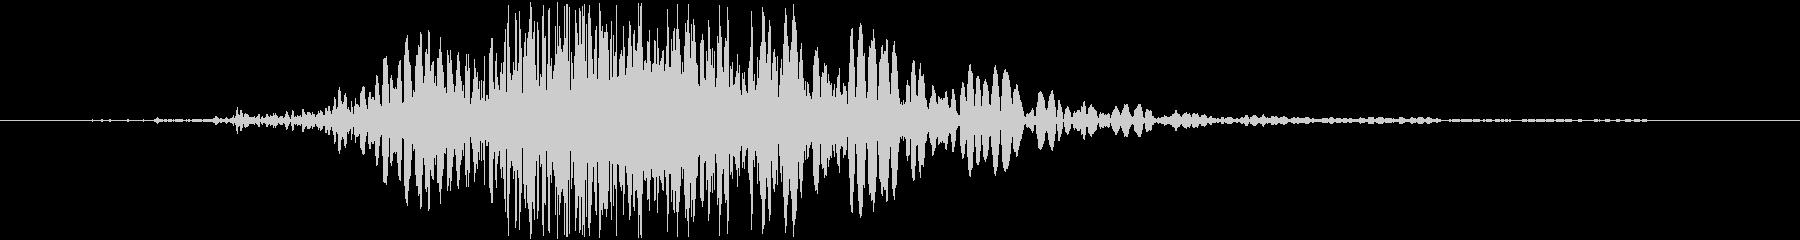 斬撃 ファイヤーノイズブラストラージ02の未再生の波形